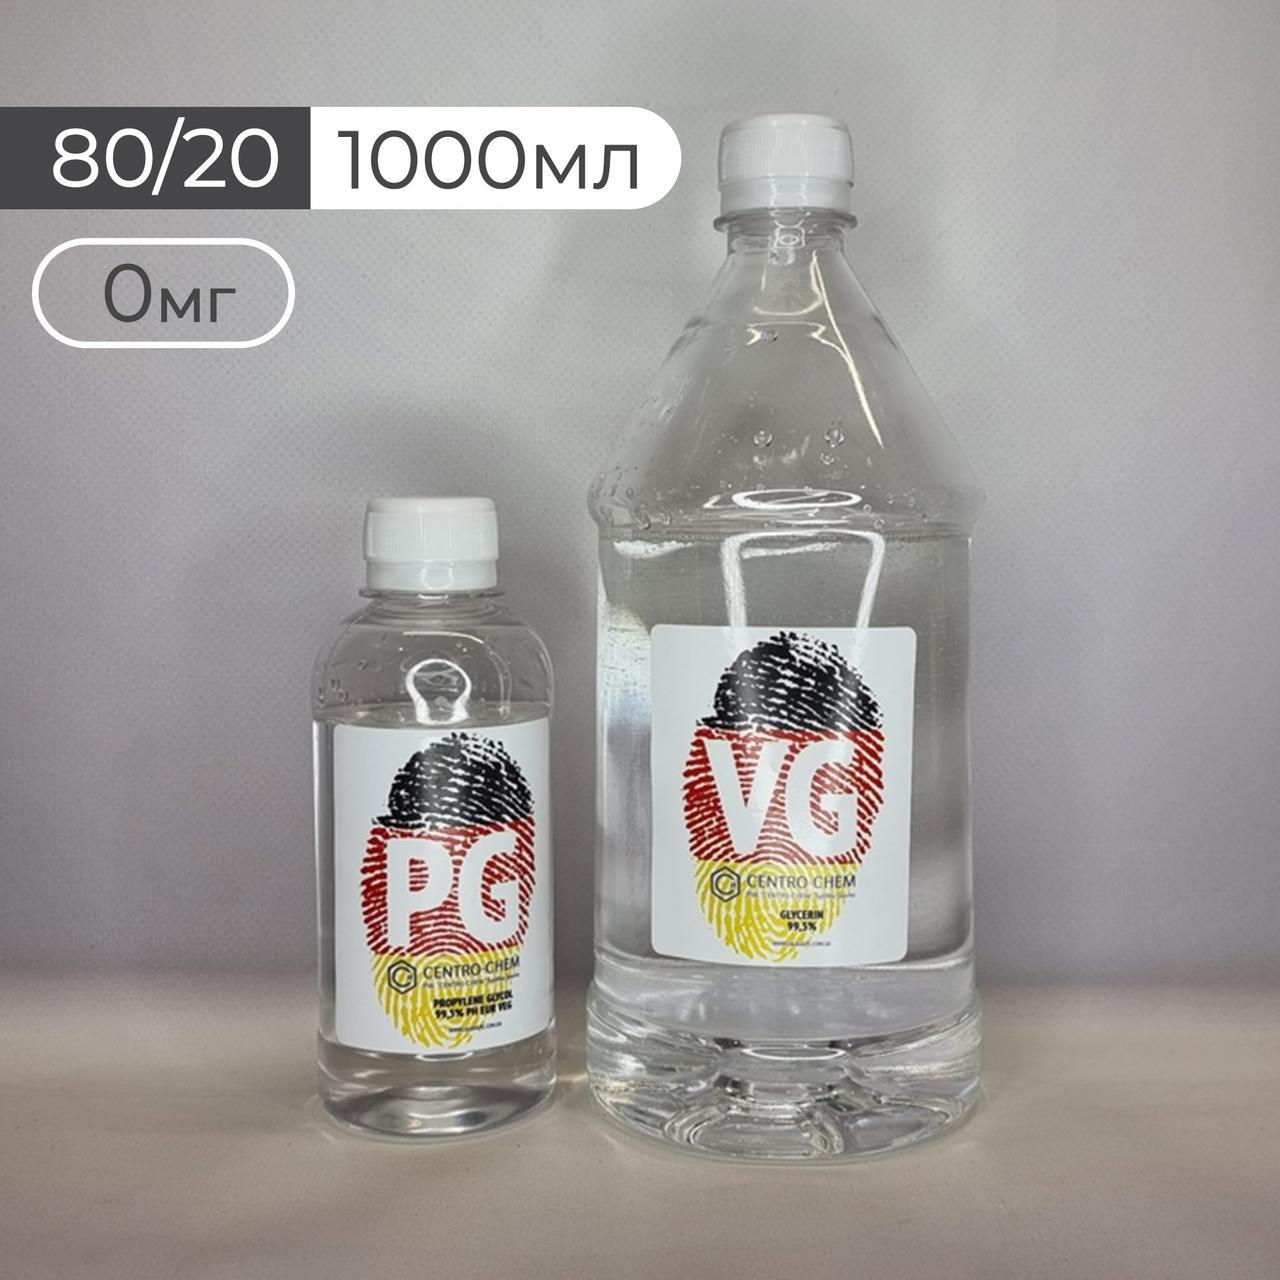 Набор для создания органической основы 80/20, 1000мл